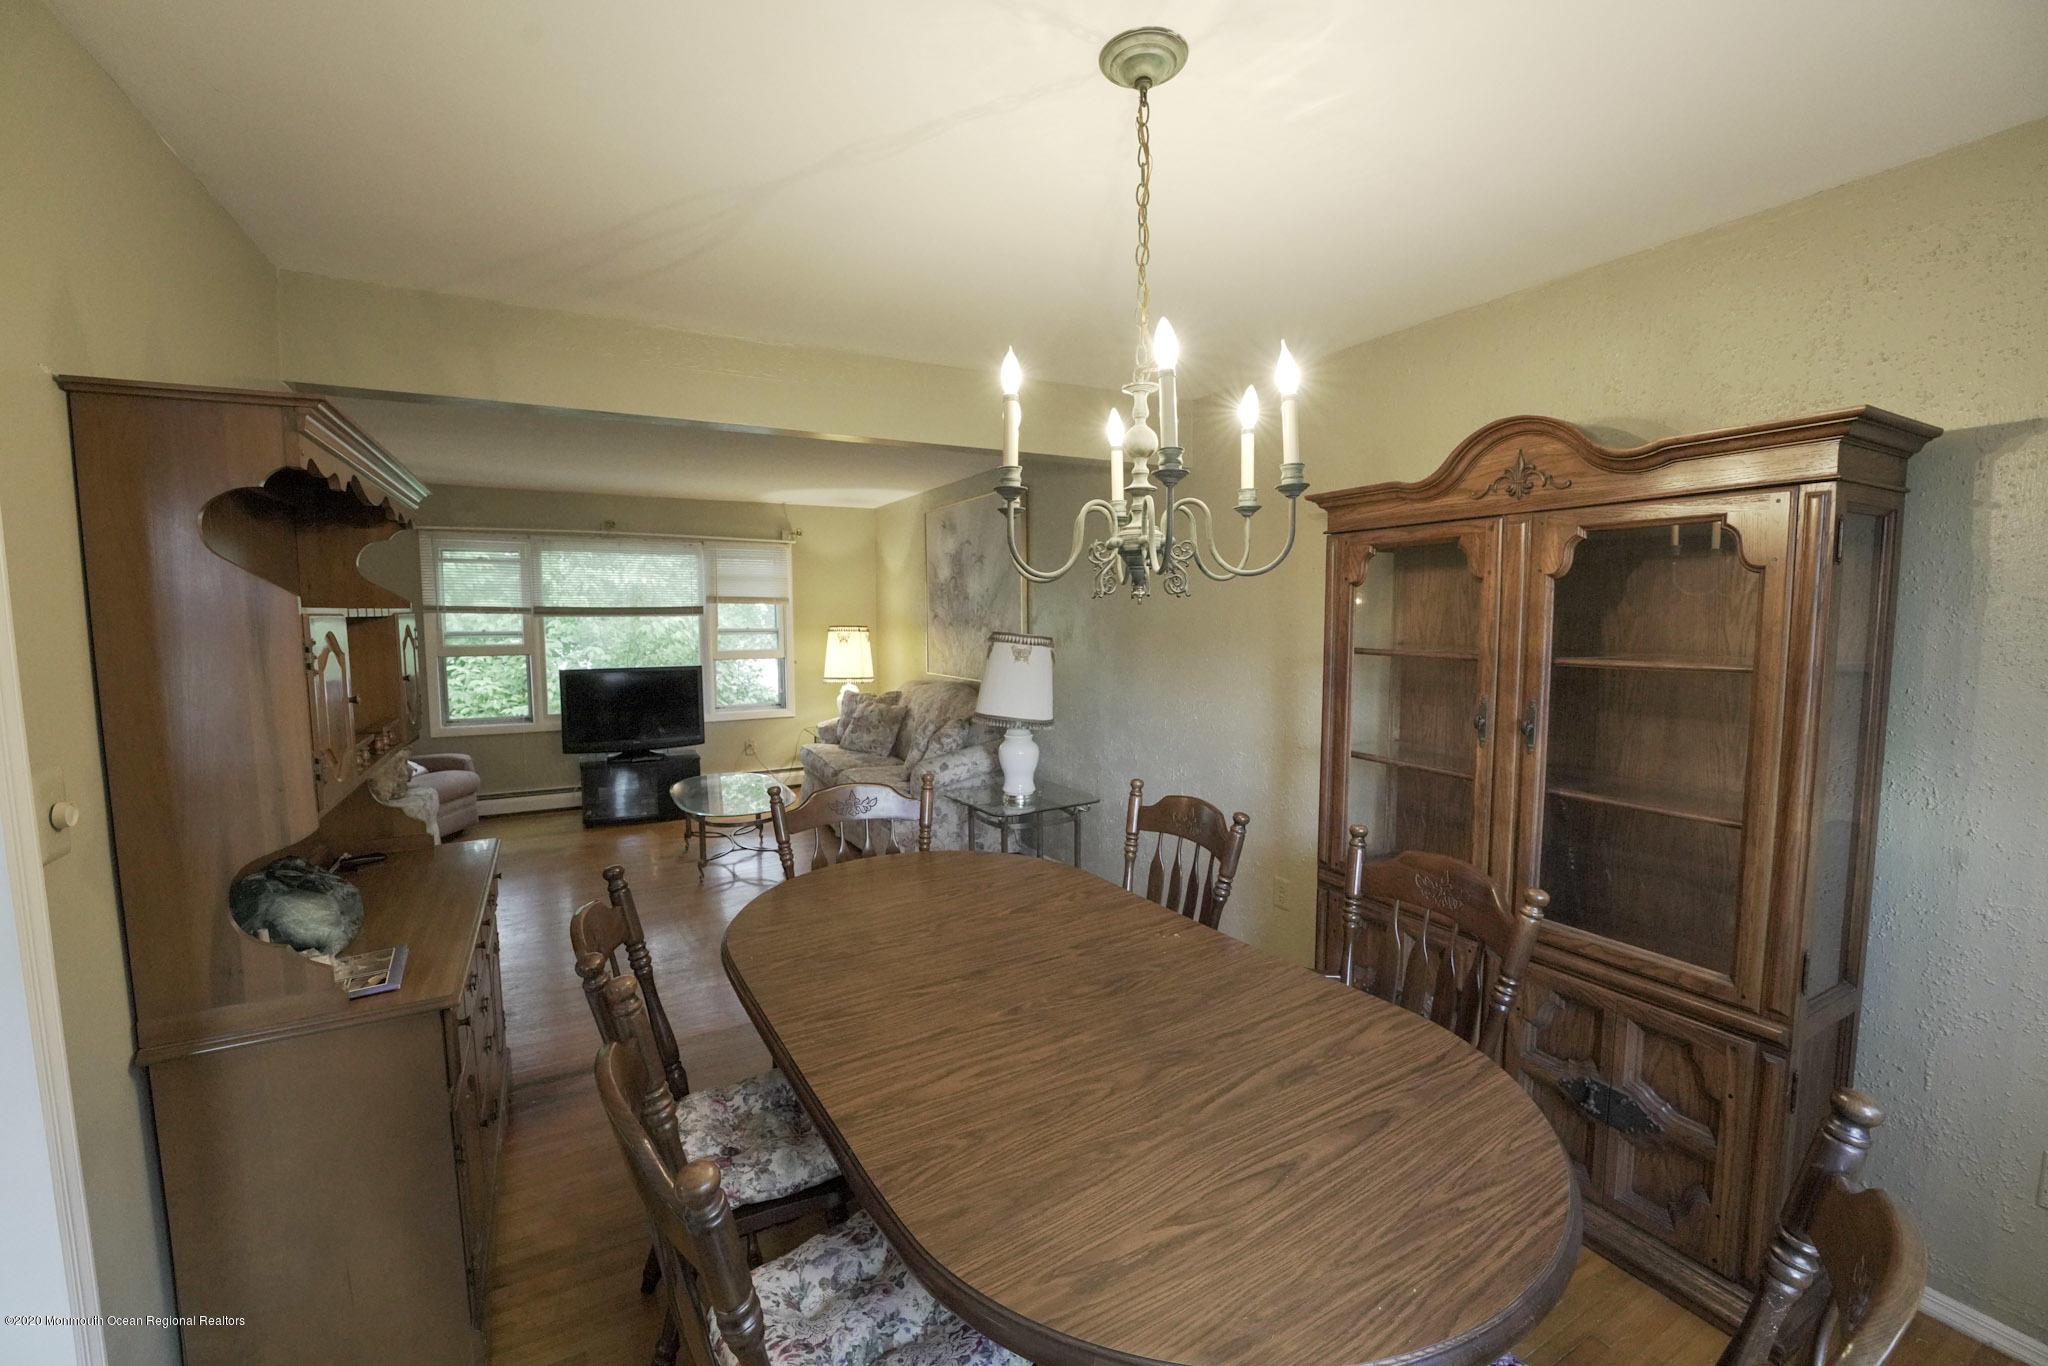 100 Sudbury Road, Point Pleasant, New Jersey 08742, 4 Bedrooms Bedrooms, ,2 BathroomsBathrooms,Single Family,For Sale,100 Sudbury Road,2,22029247